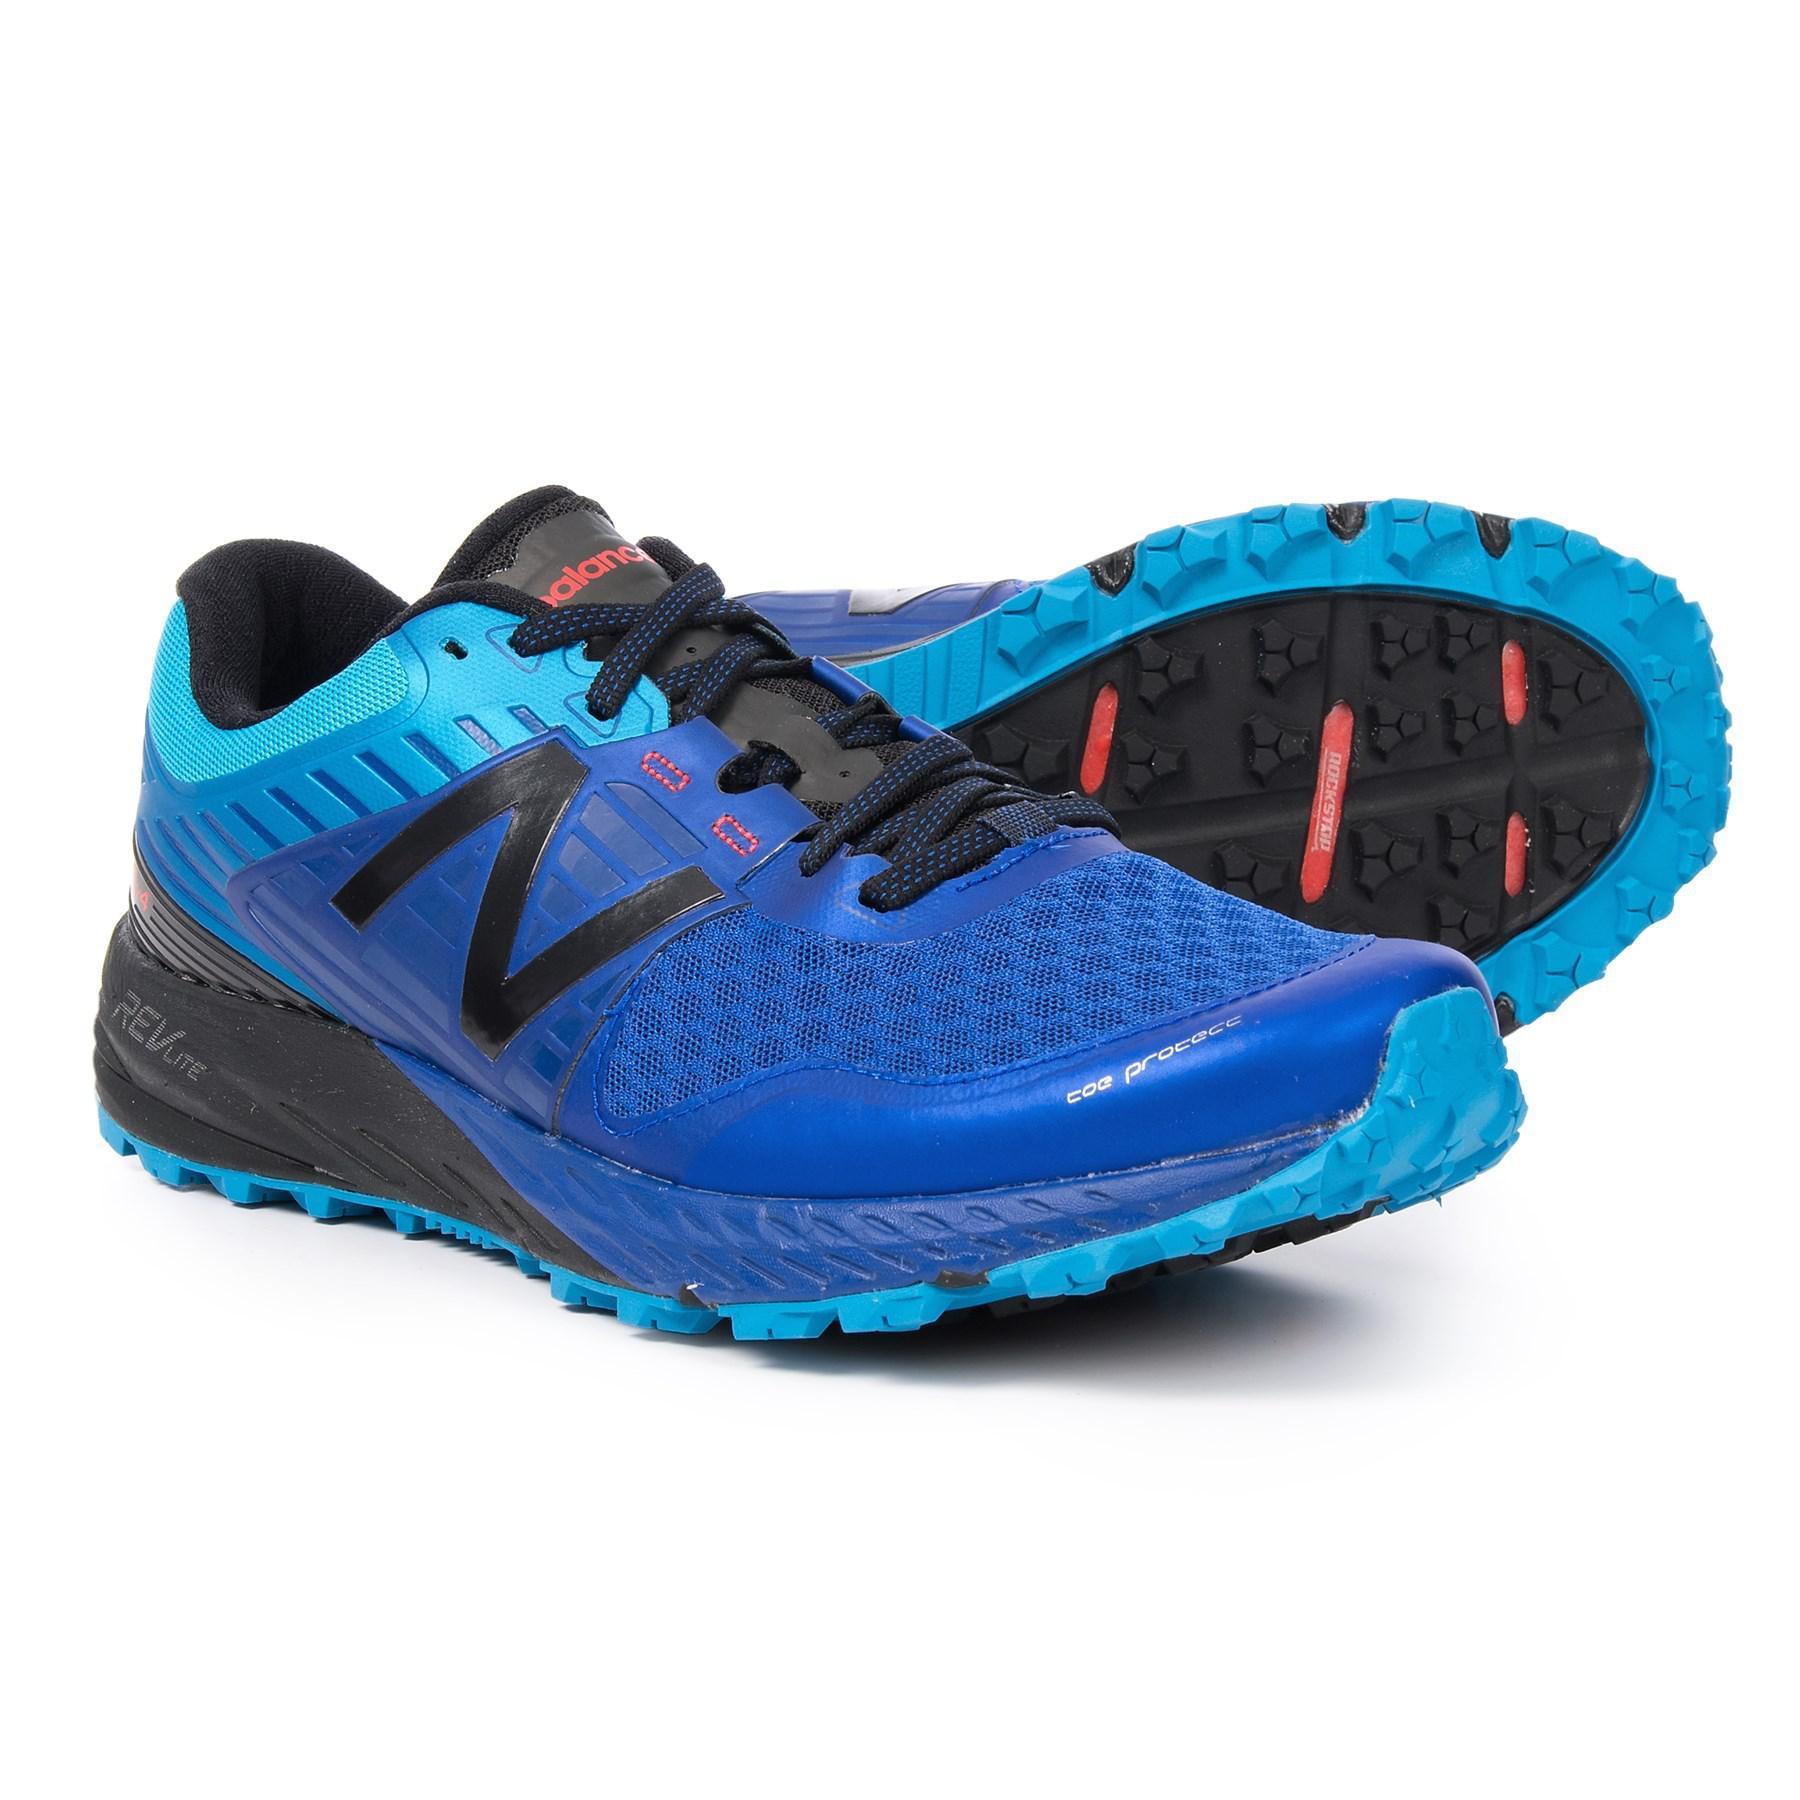 New Balance Blue 910v4 Trail Running Shoes (for Men) for men